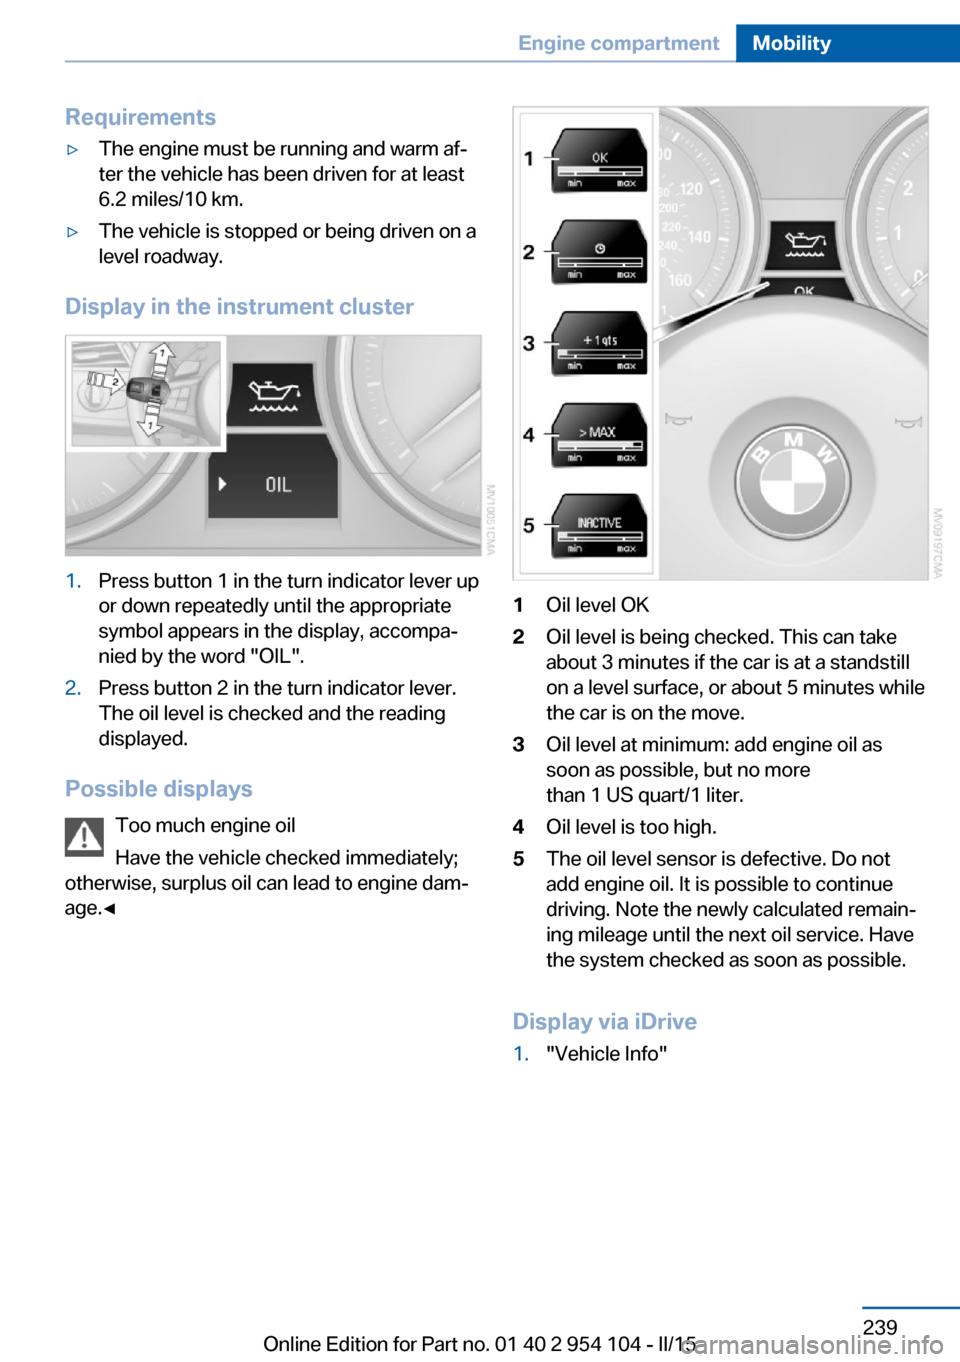 bmw z4 2015 e89 owner 39 s manual. Black Bedroom Furniture Sets. Home Design Ideas